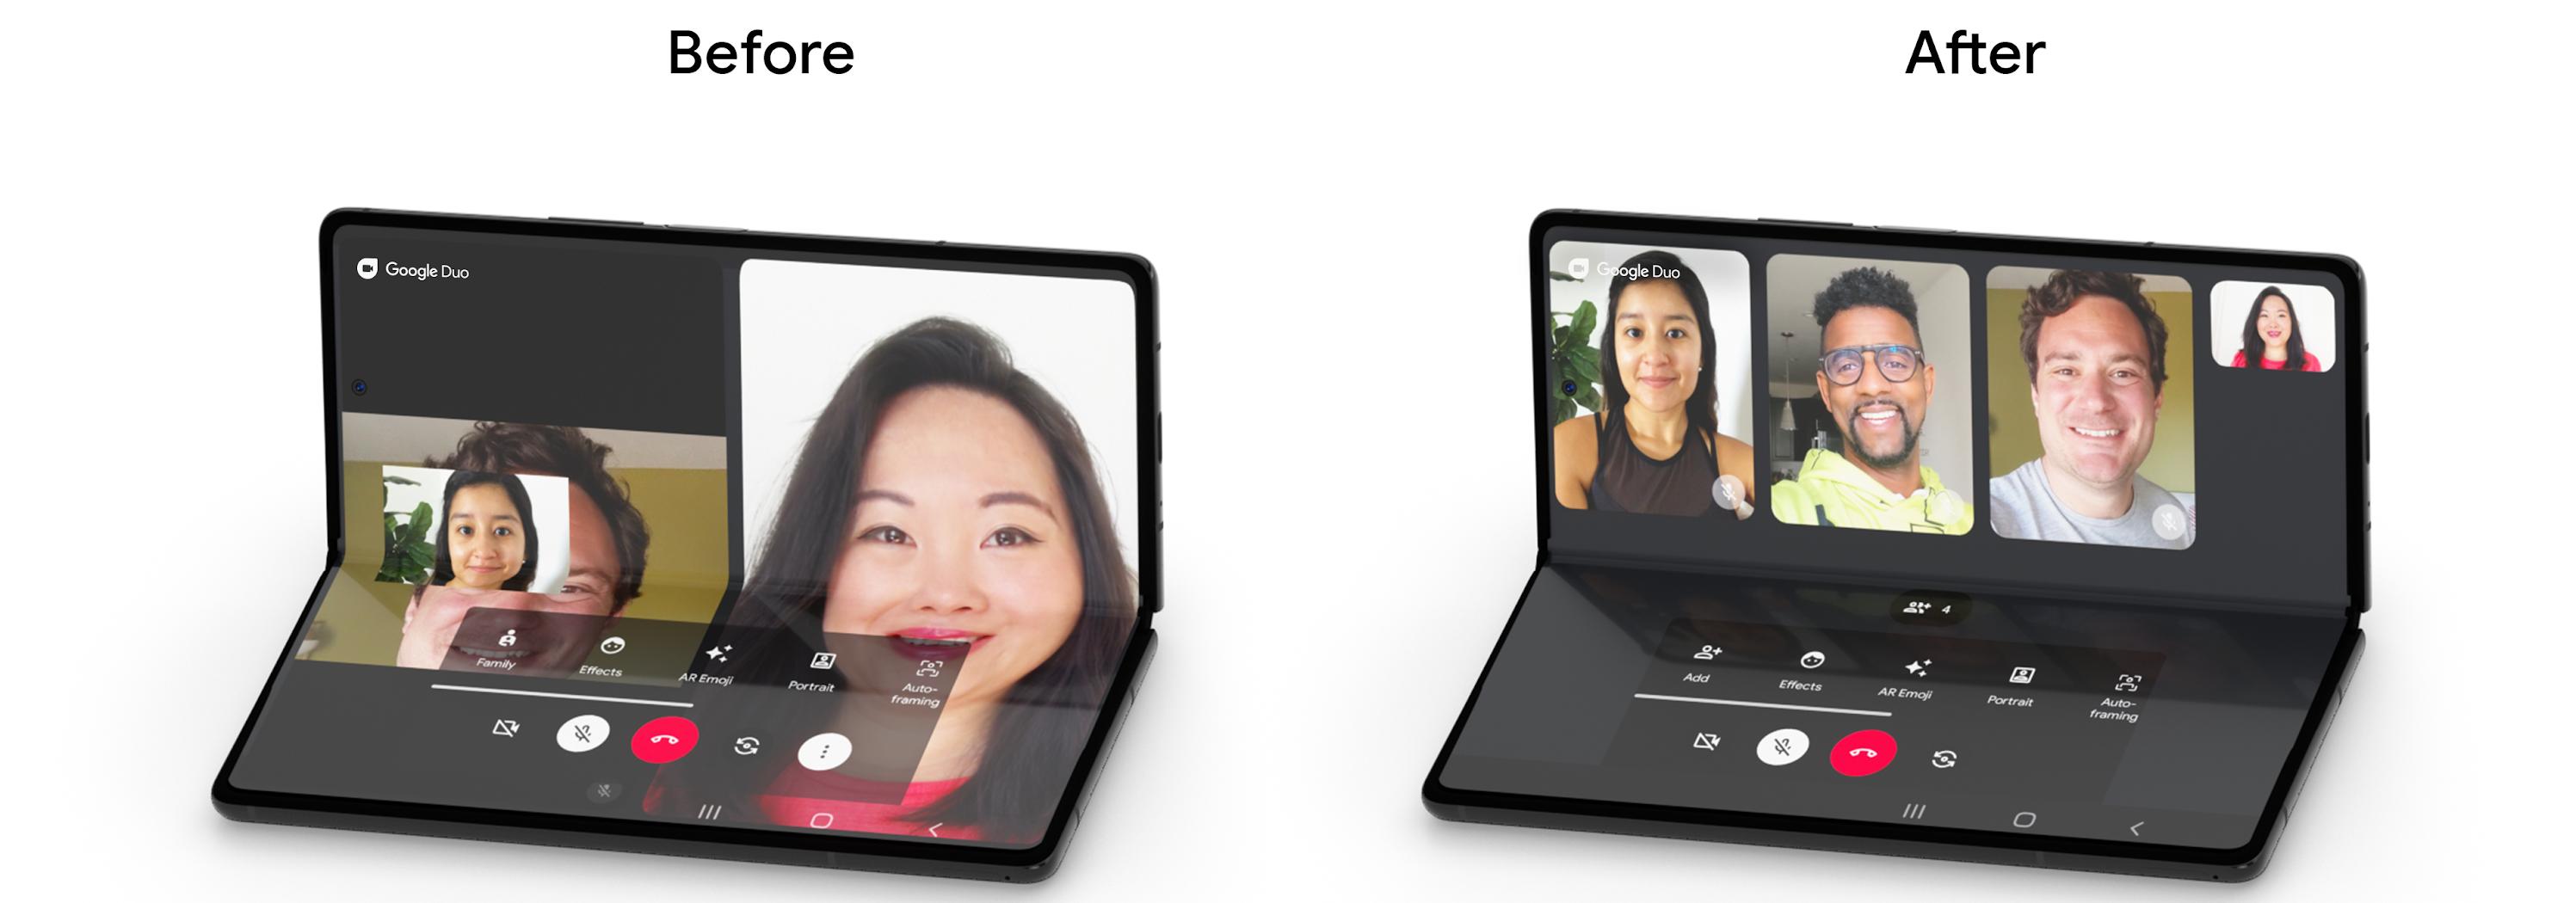 △ Google Duo 针对可折叠设备优化体验